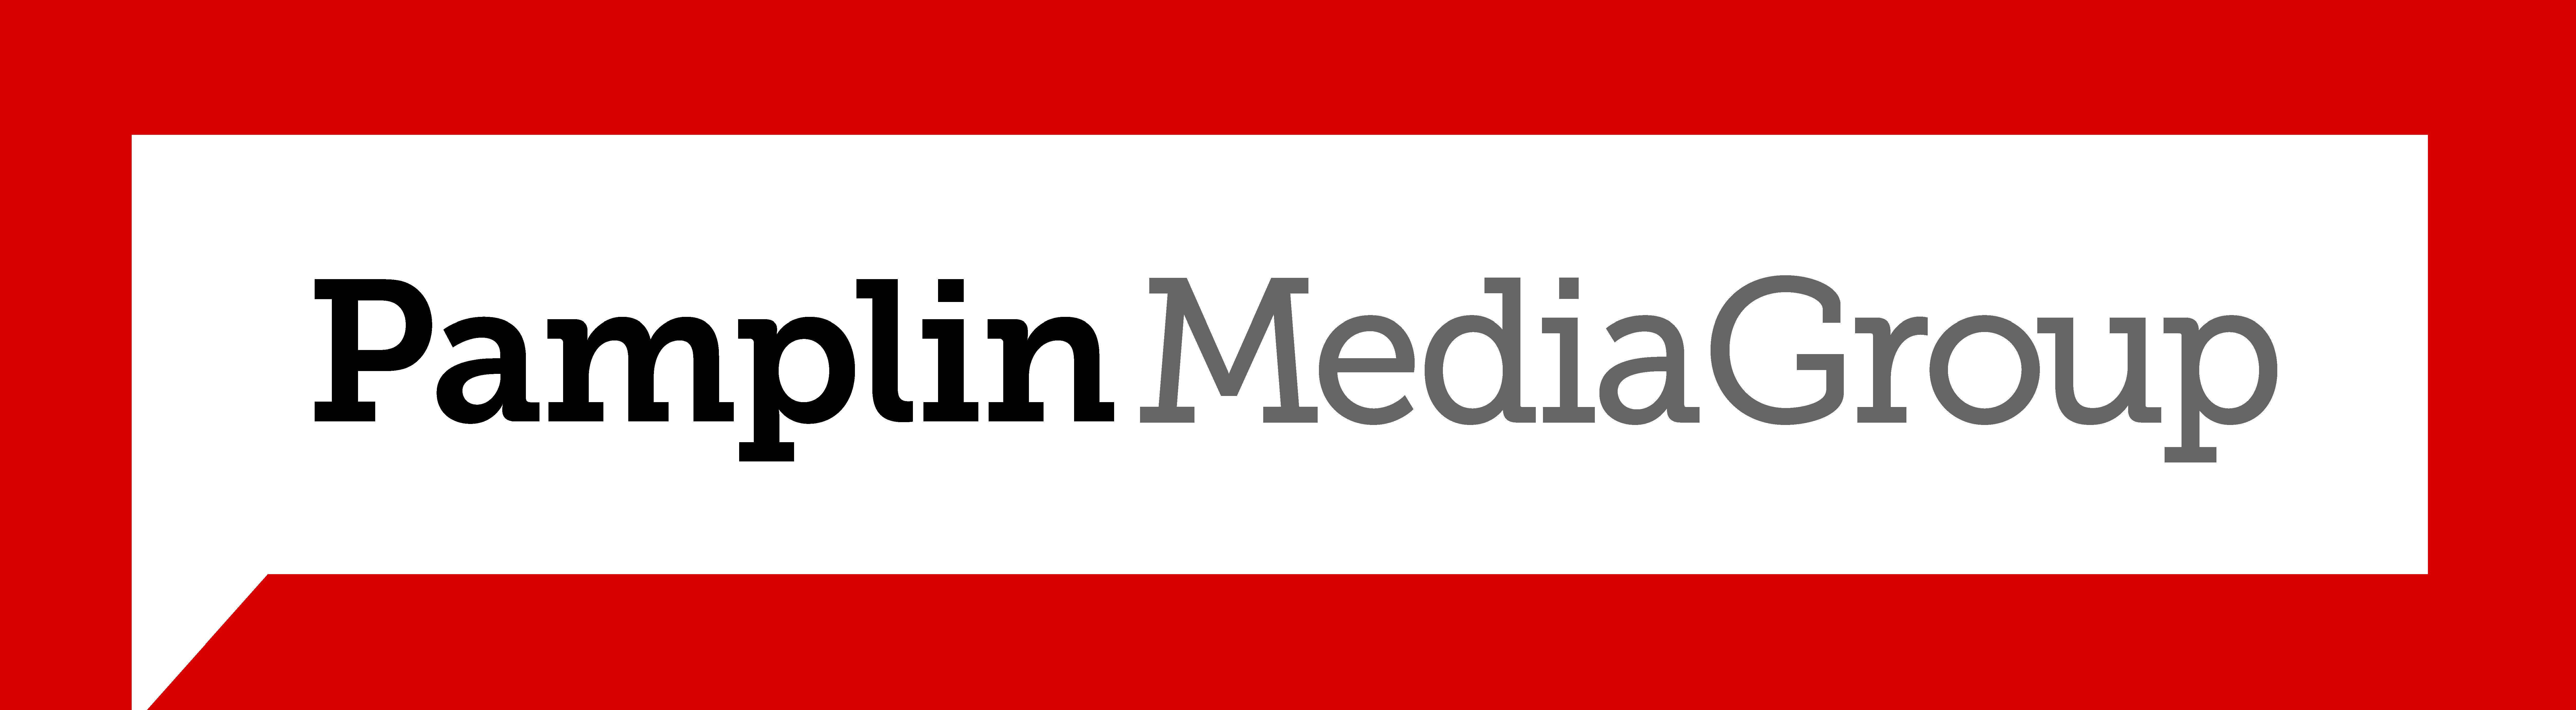 Pamplin Digital Media